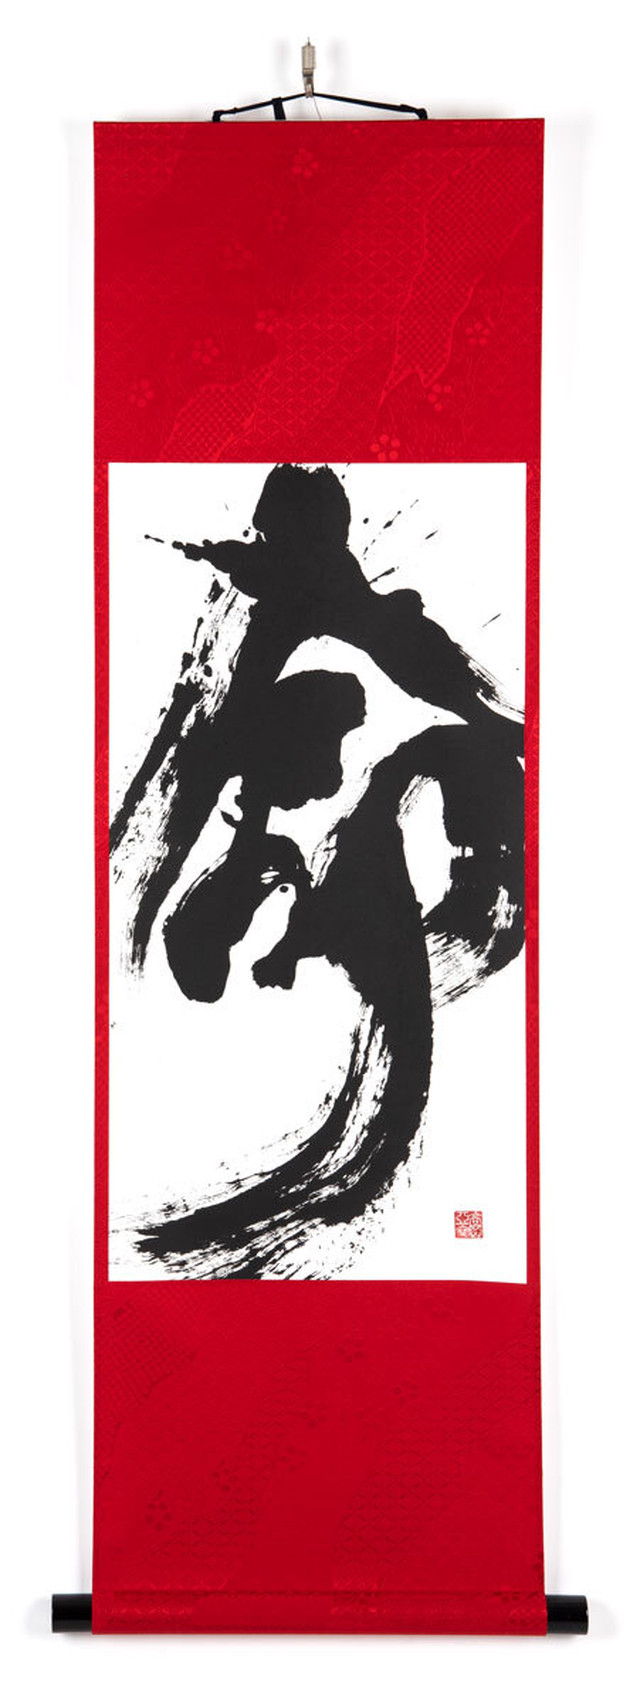 命 掛軸 直筆作品(一点物)- Life - Hanging Scroll Upright brush artwork (One-of-a-kind)